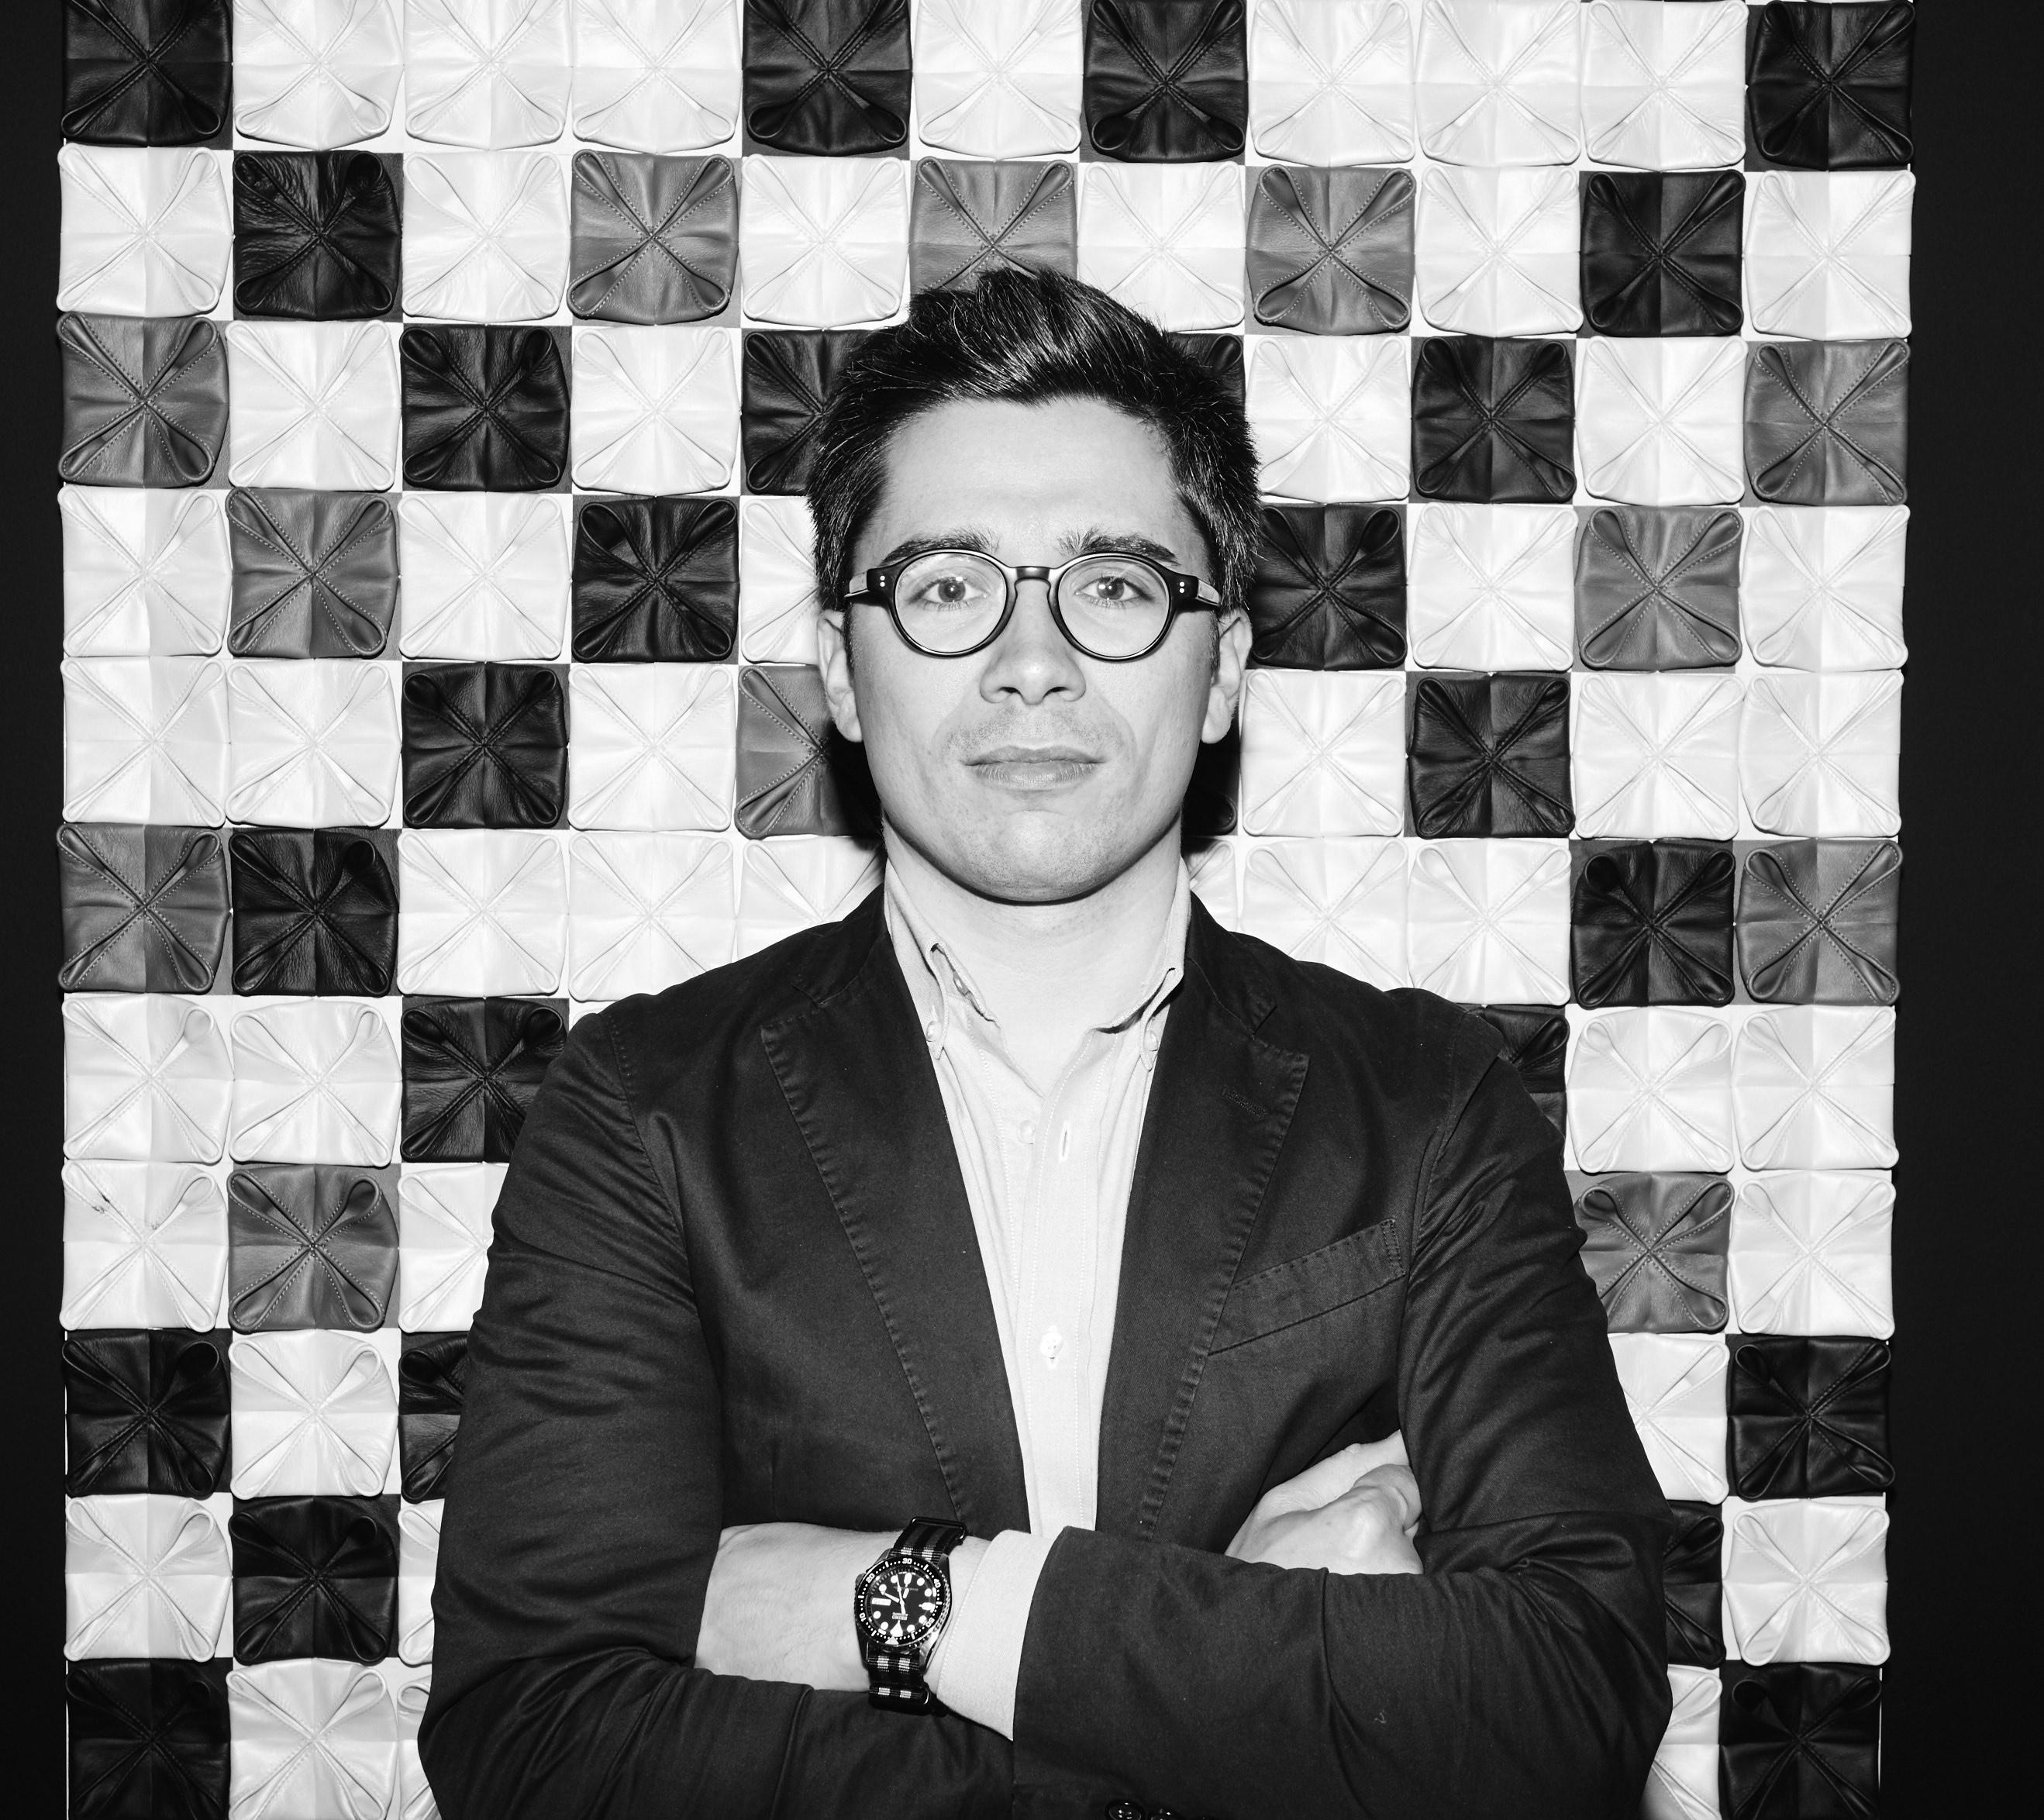 D'été Bain Maillots Vacances Homme Des 2017Sélection De ZTiOPkXu